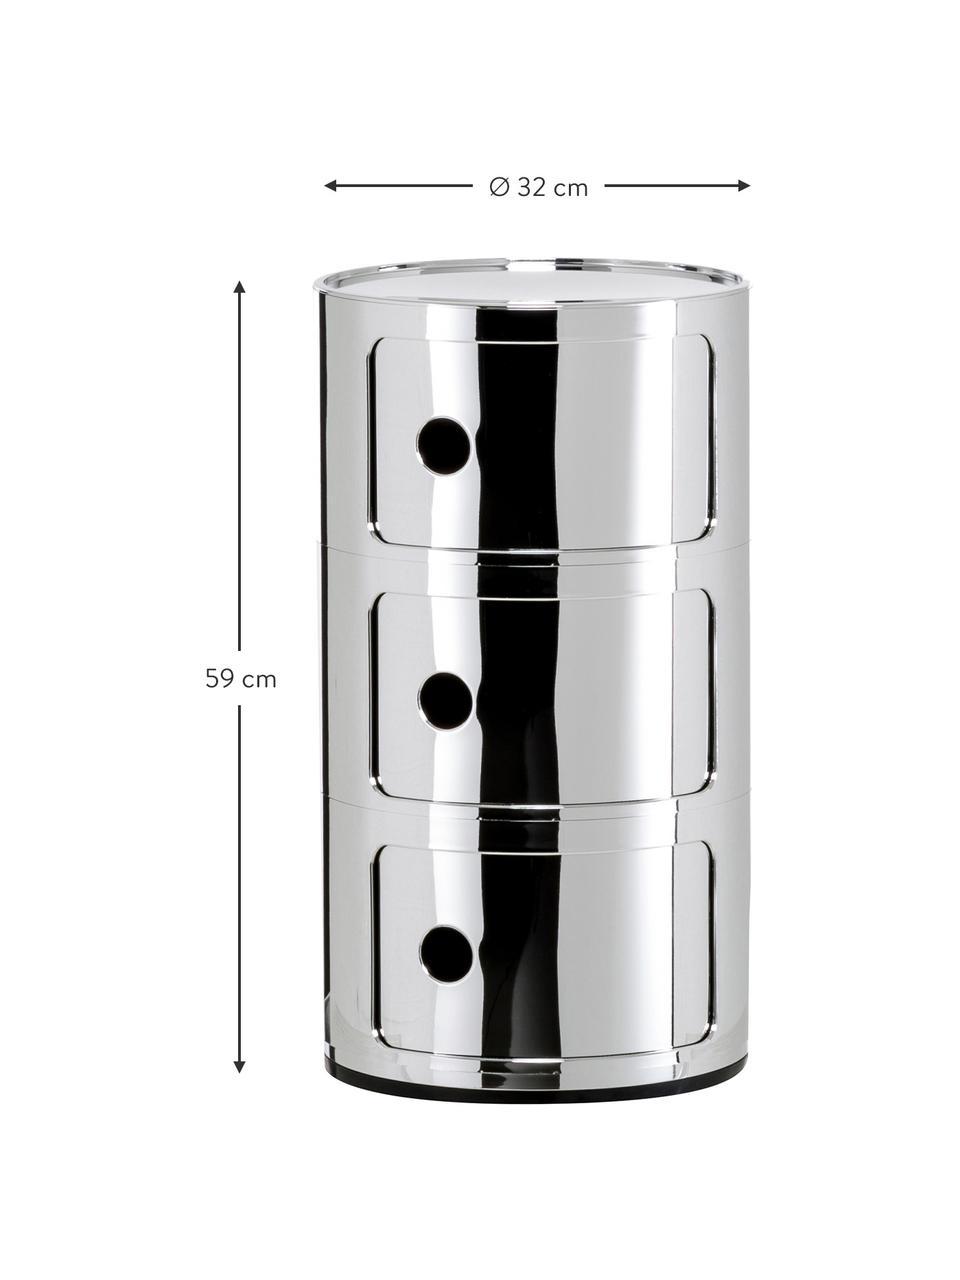 Stolik pomocniczy Componibile, Tworzywo sztuczne (ABS), lakierowane, Chrom, Ø 32 x W 59 cm